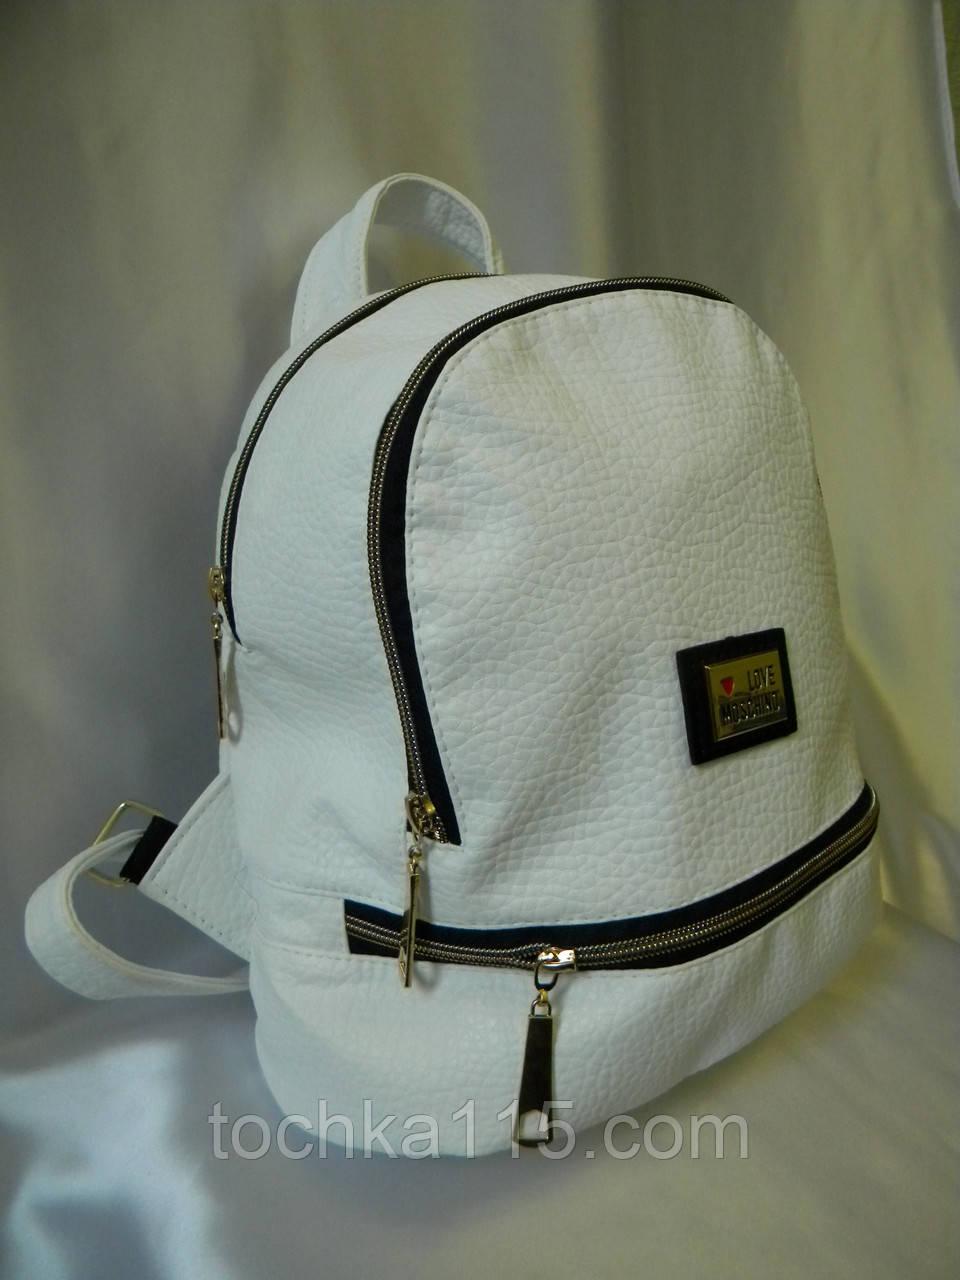 Женский городской рюкзак MOSCHINO рюкзак женский кожаный белый реплика